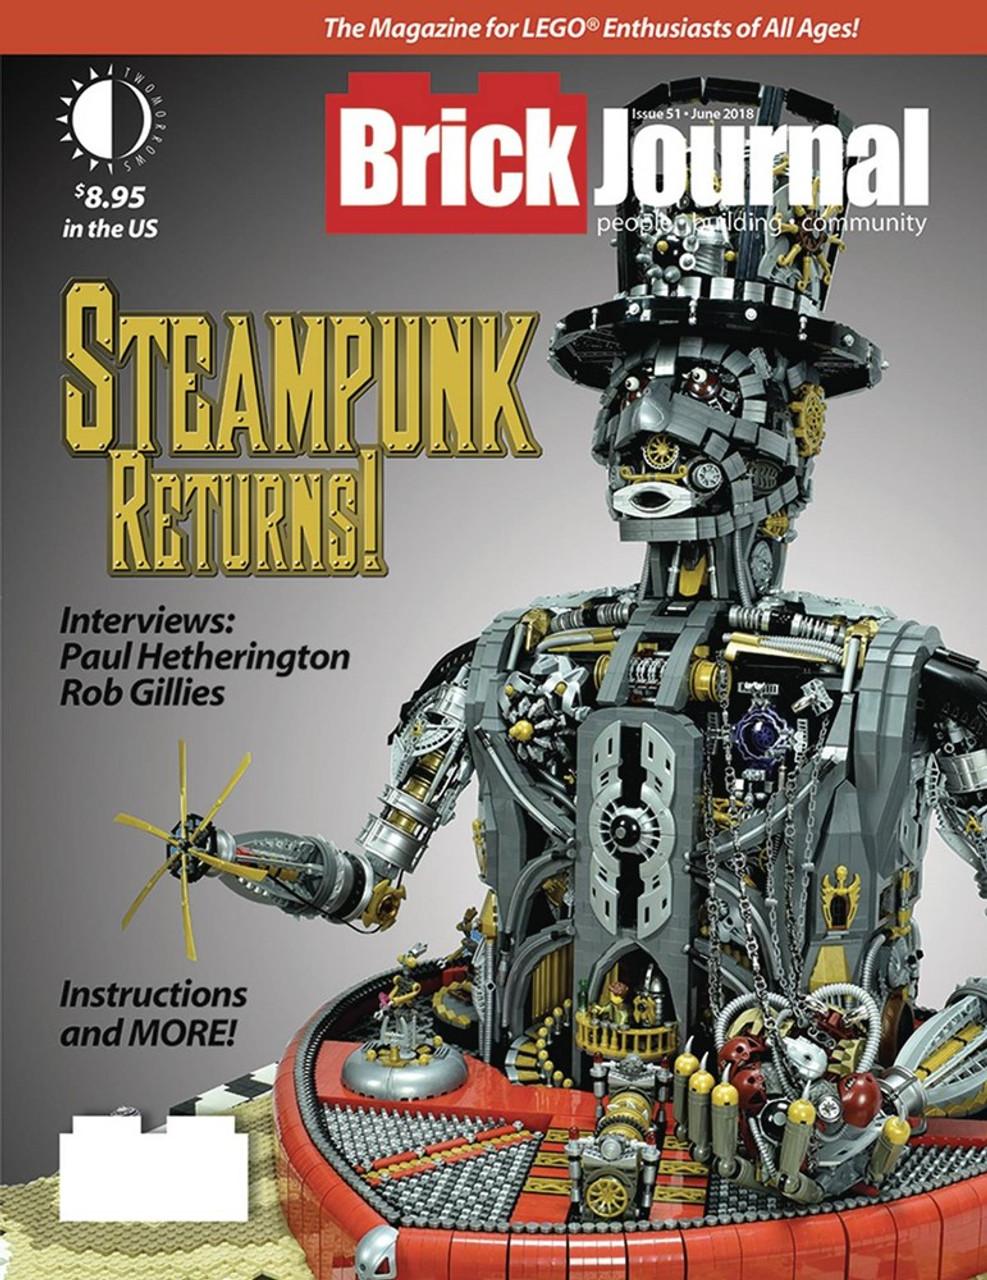 BrickJournal: Issue 51 - June 2018